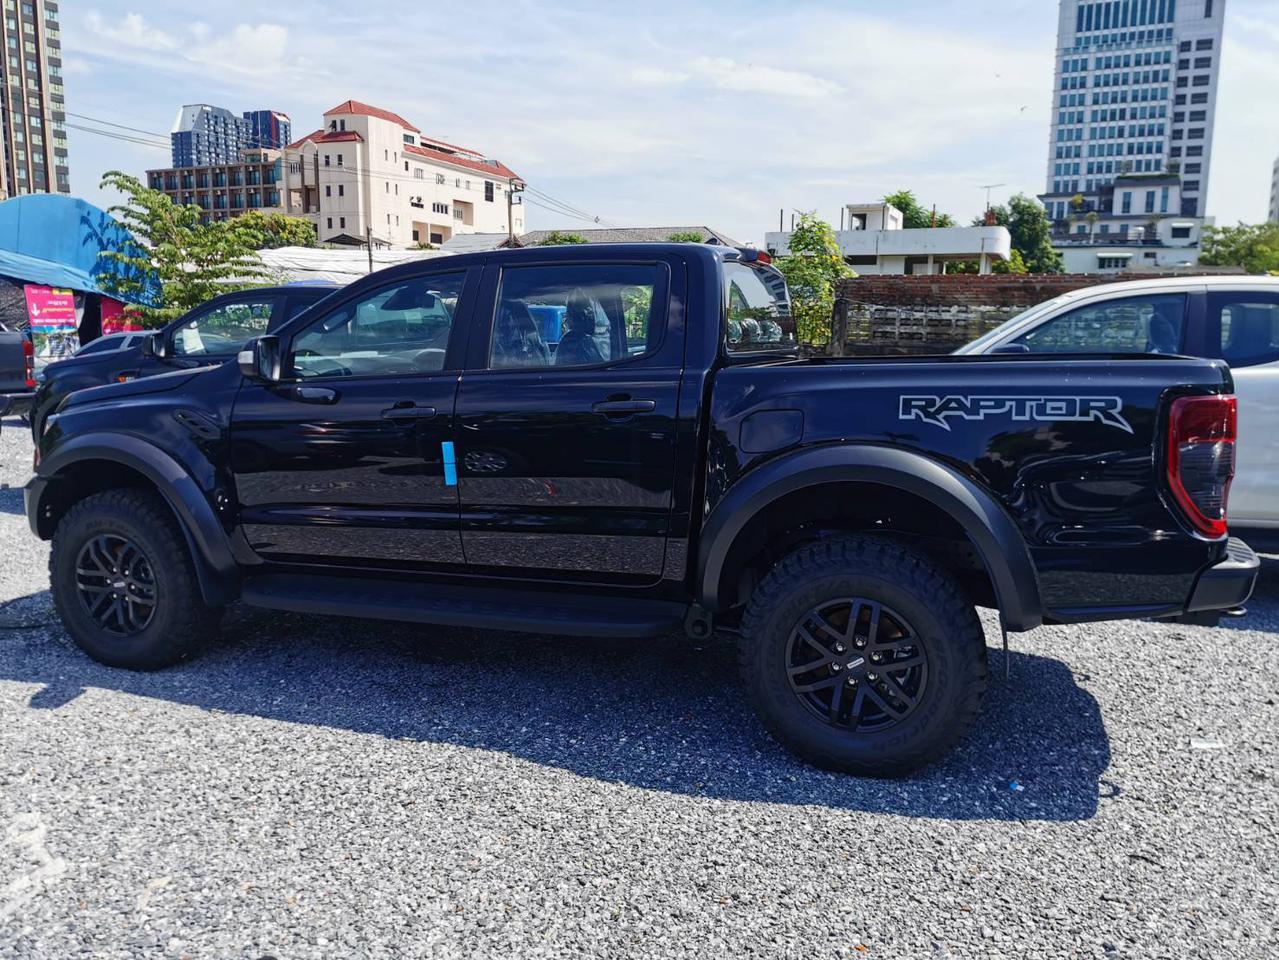 ฟอร์ด Ranger Raptor 4x4 สีดำ ดอกเบี้ย 0% รูปที่ 4